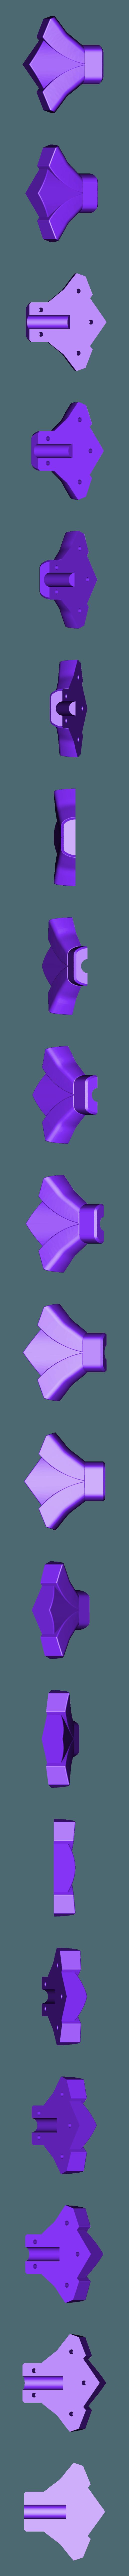 sword - pommeau.stl Télécharger fichier STL gratuit Link Goddess Sword (without painting) • Design pour imprimante 3D, lipki